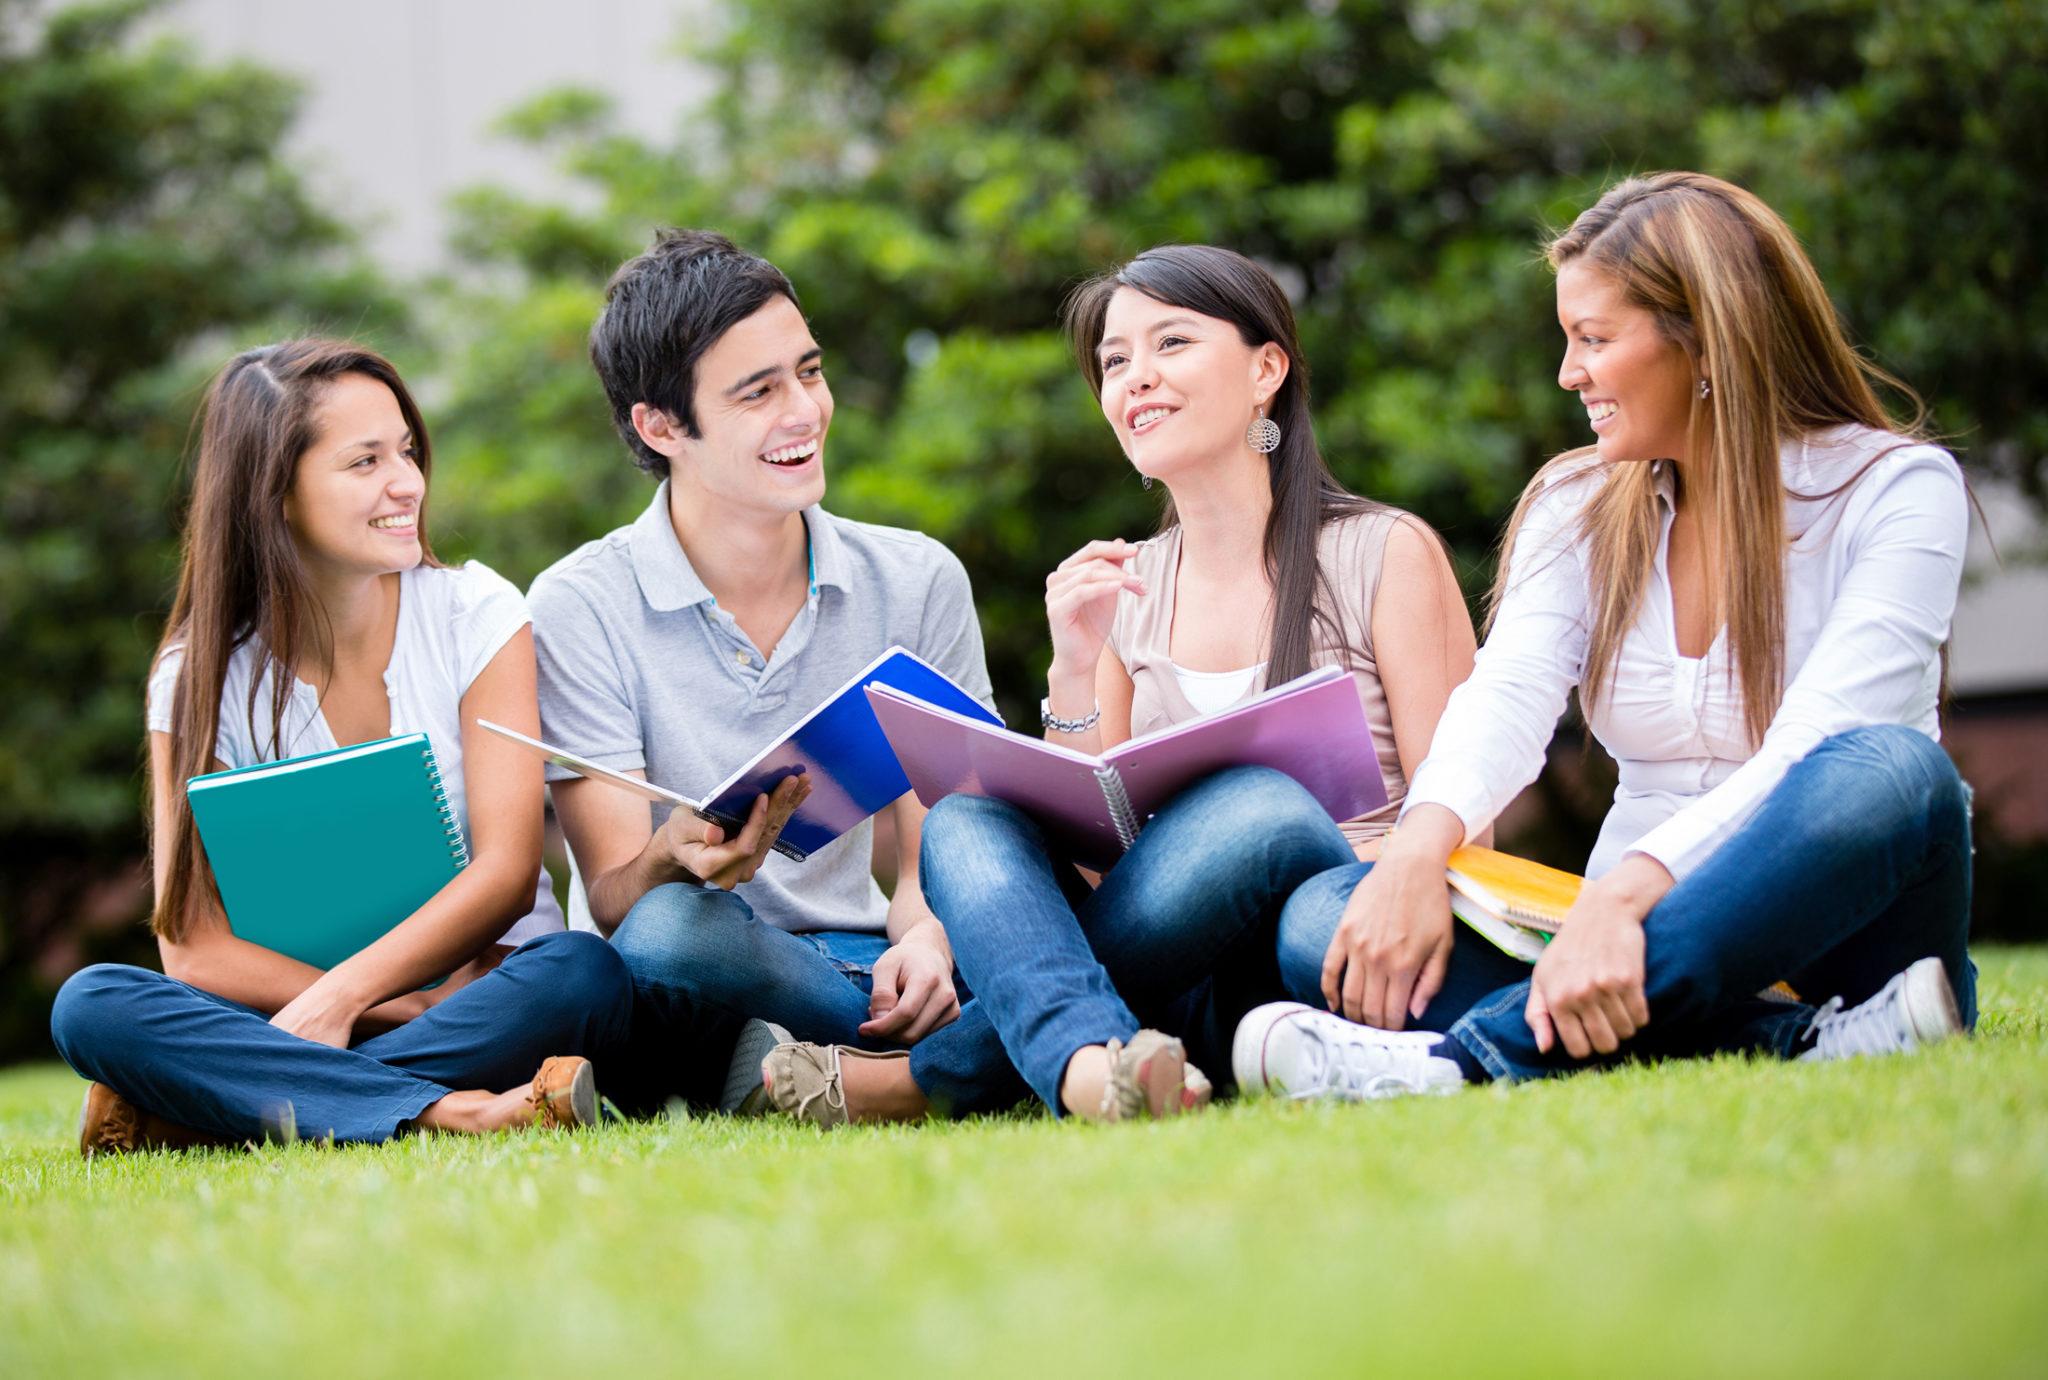 Bisnis Online Untuk Mahasiswa Paling Menjanjikan, Kuliah Tetap Lancar